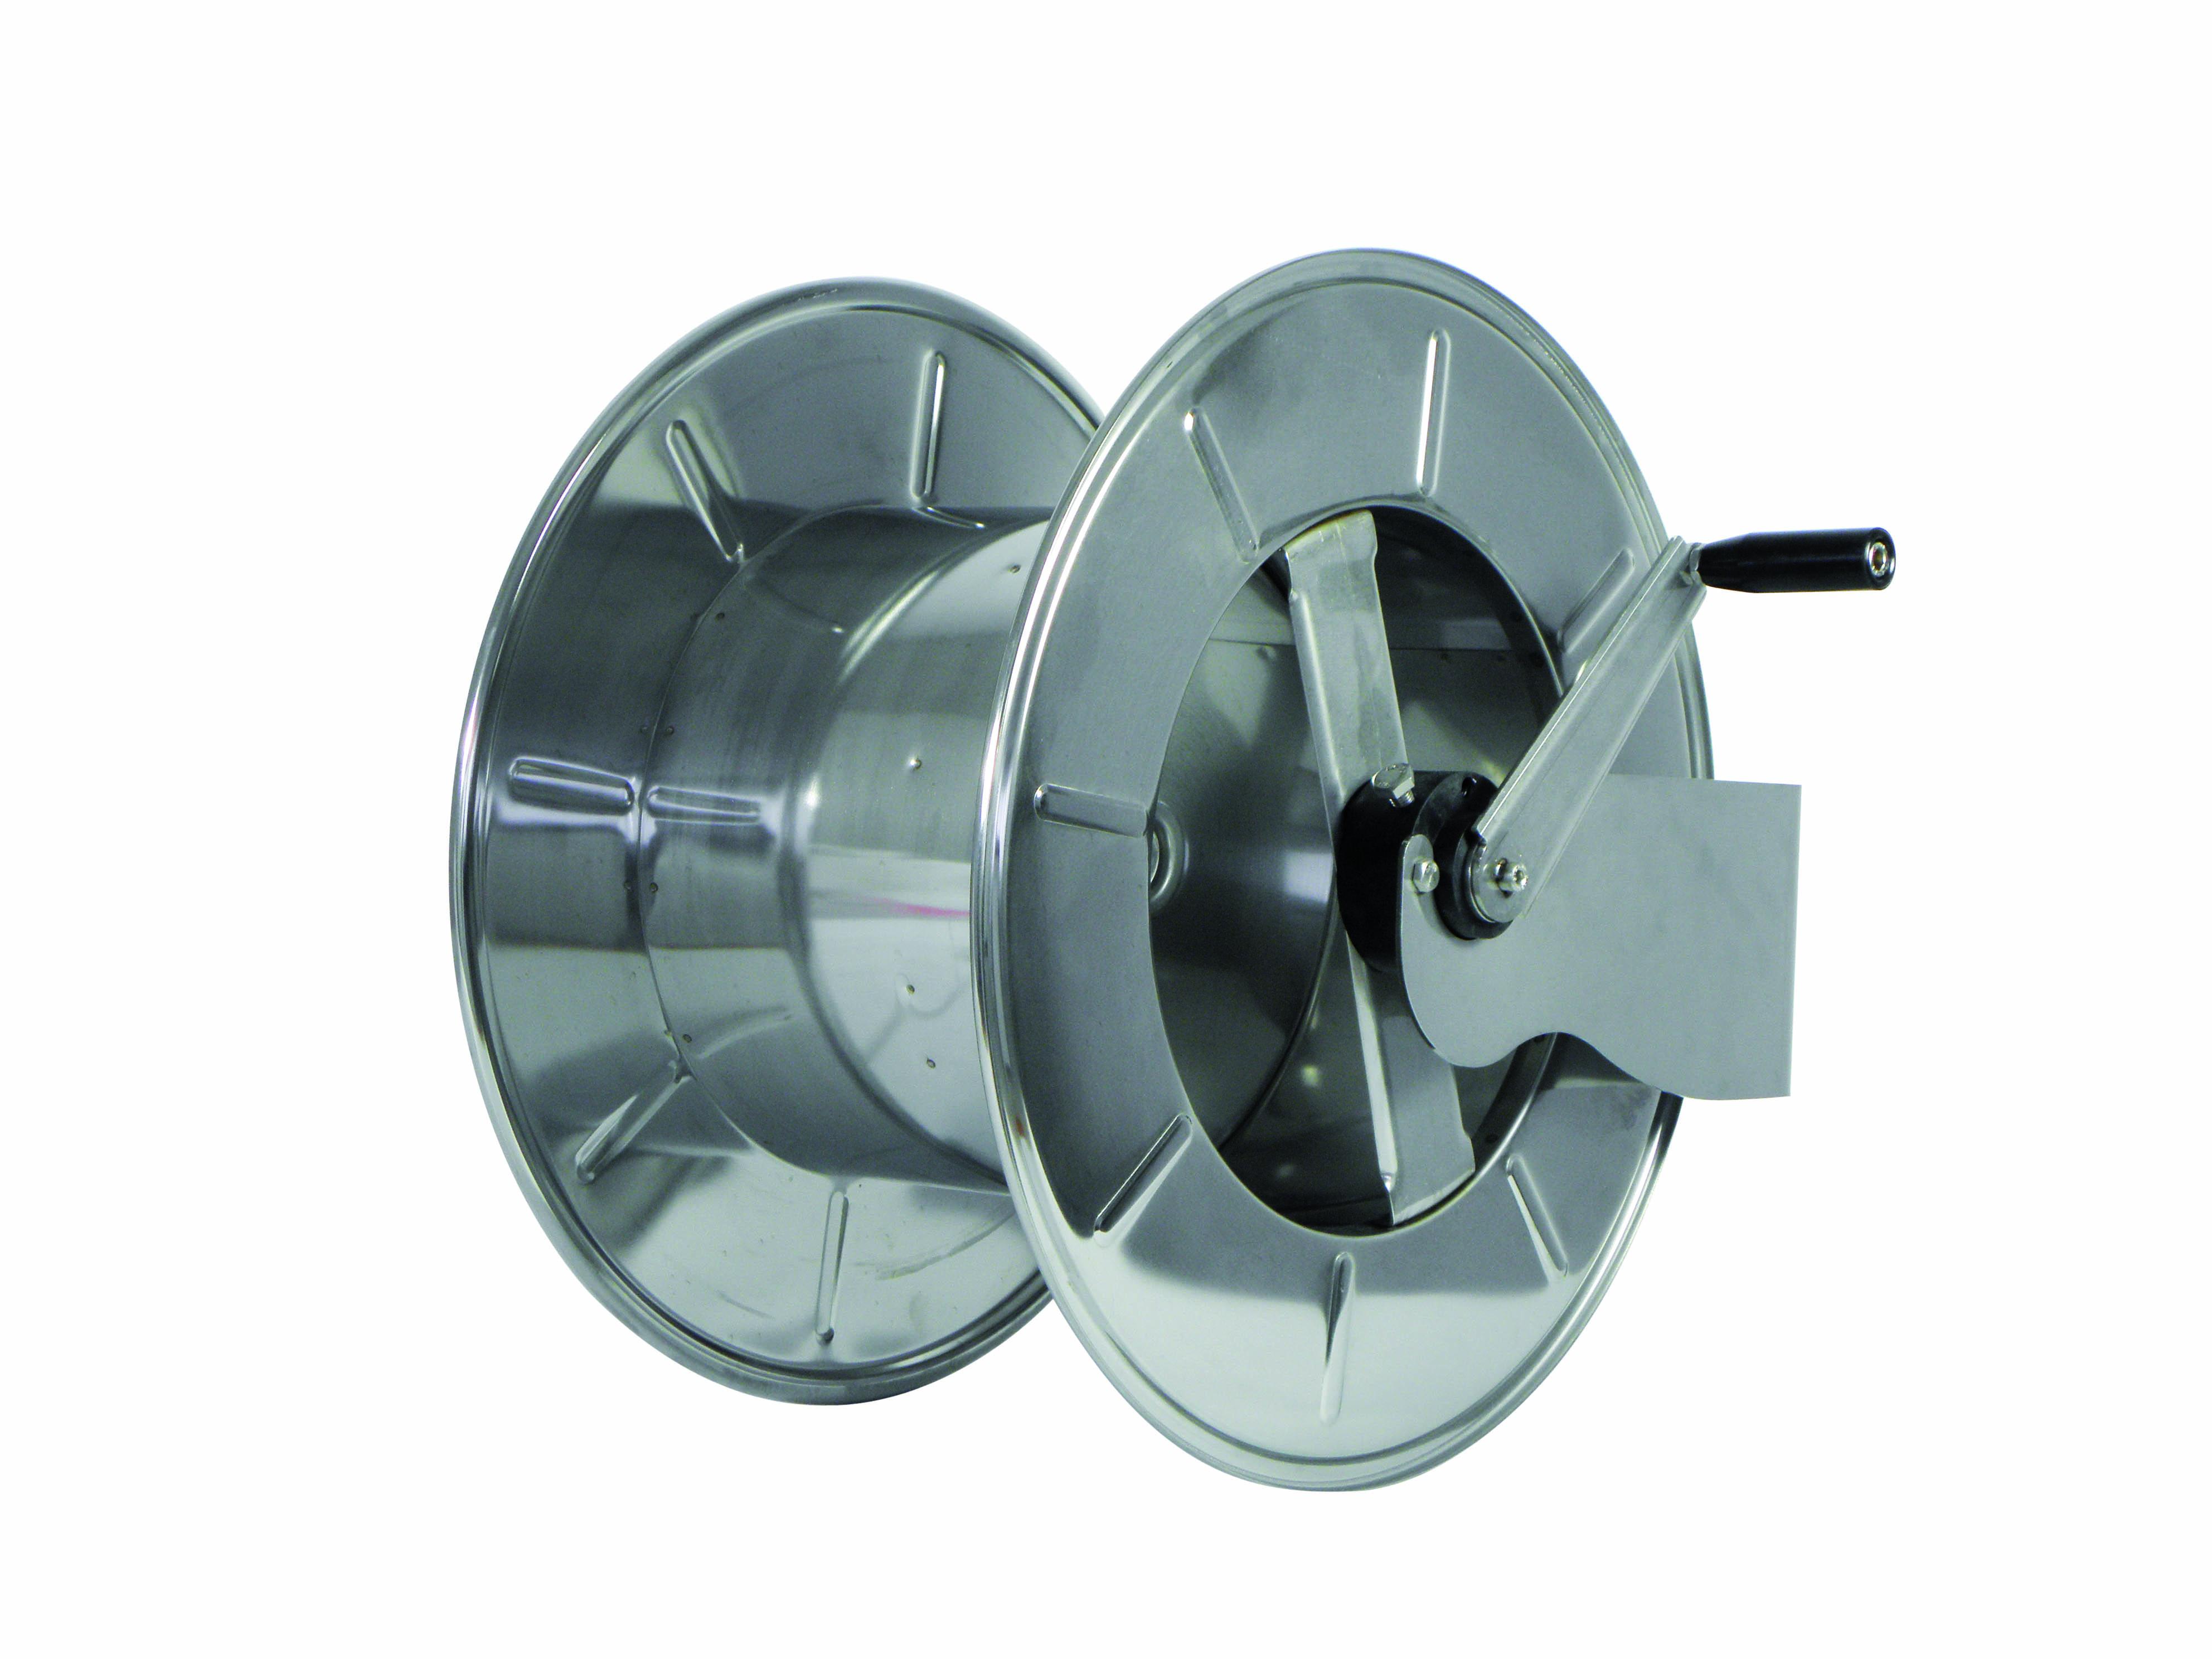 AVM9941 - Катушка для воды - высокий расход 0-100 бар